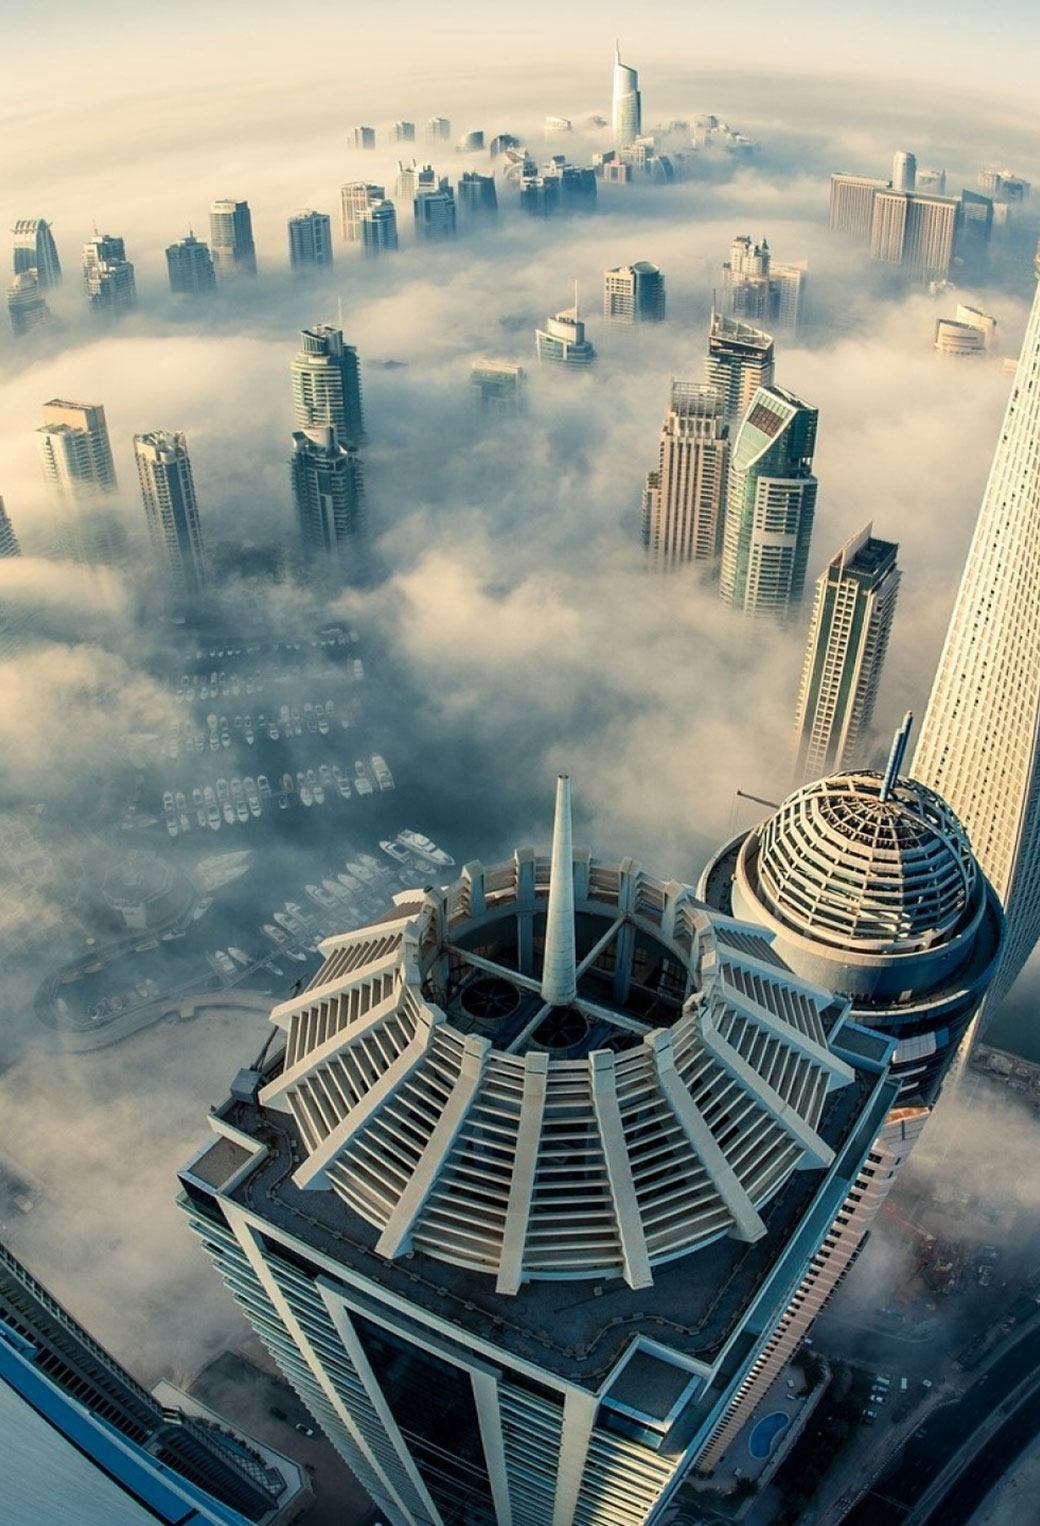 Dubai in the Coud 3Walpaper siPhone Parallax Dubai in the Cloud